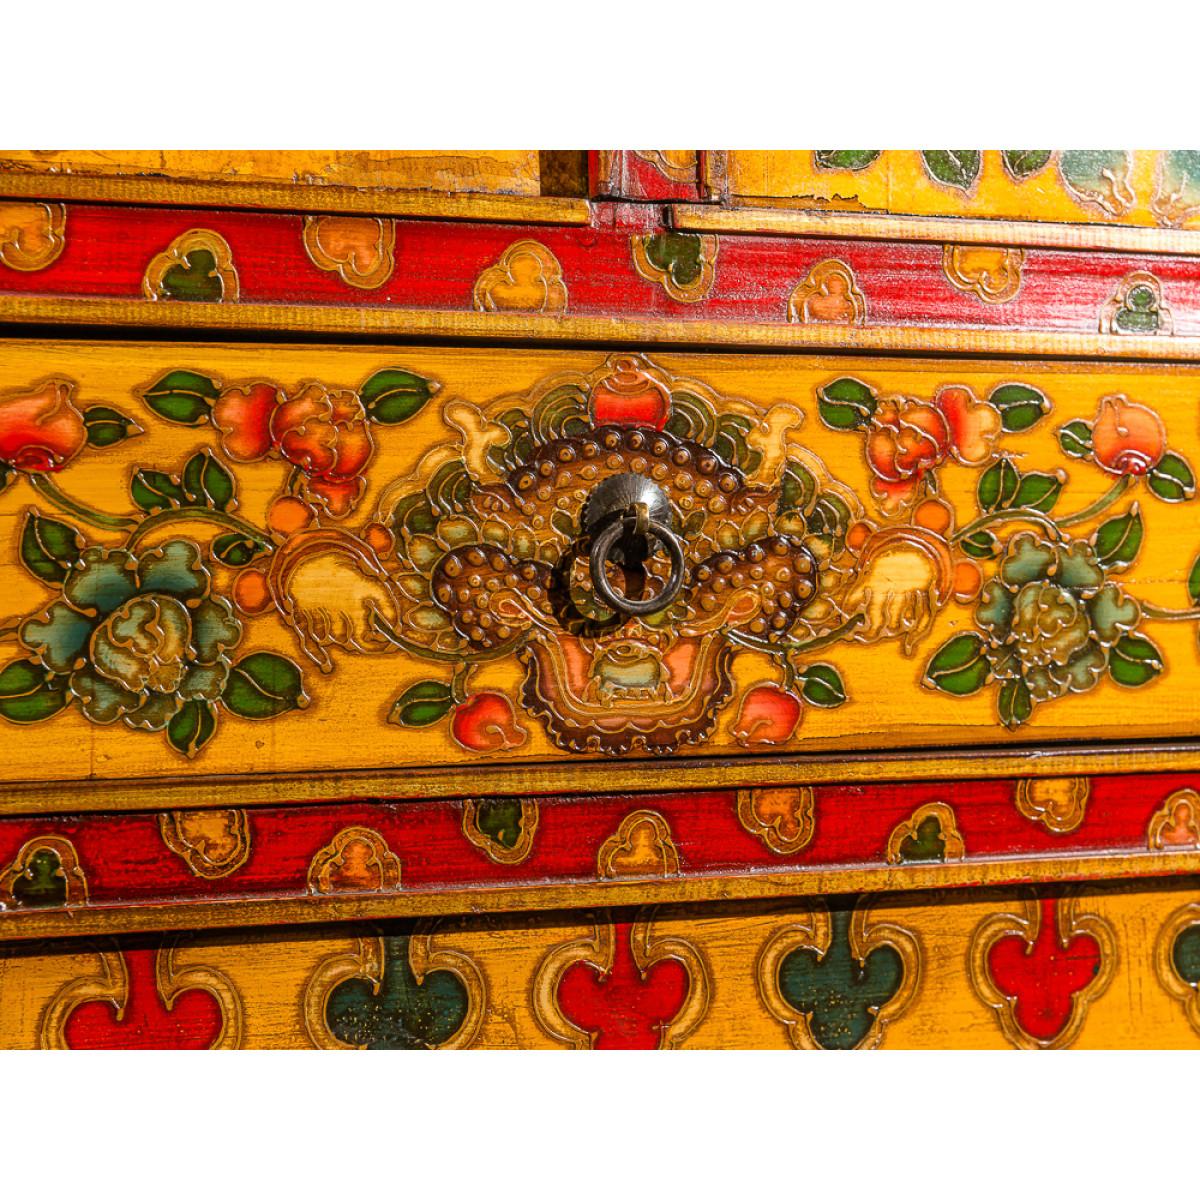 BF-20512 Сундук с драконом. Тибет. Рубеж XIX вв.